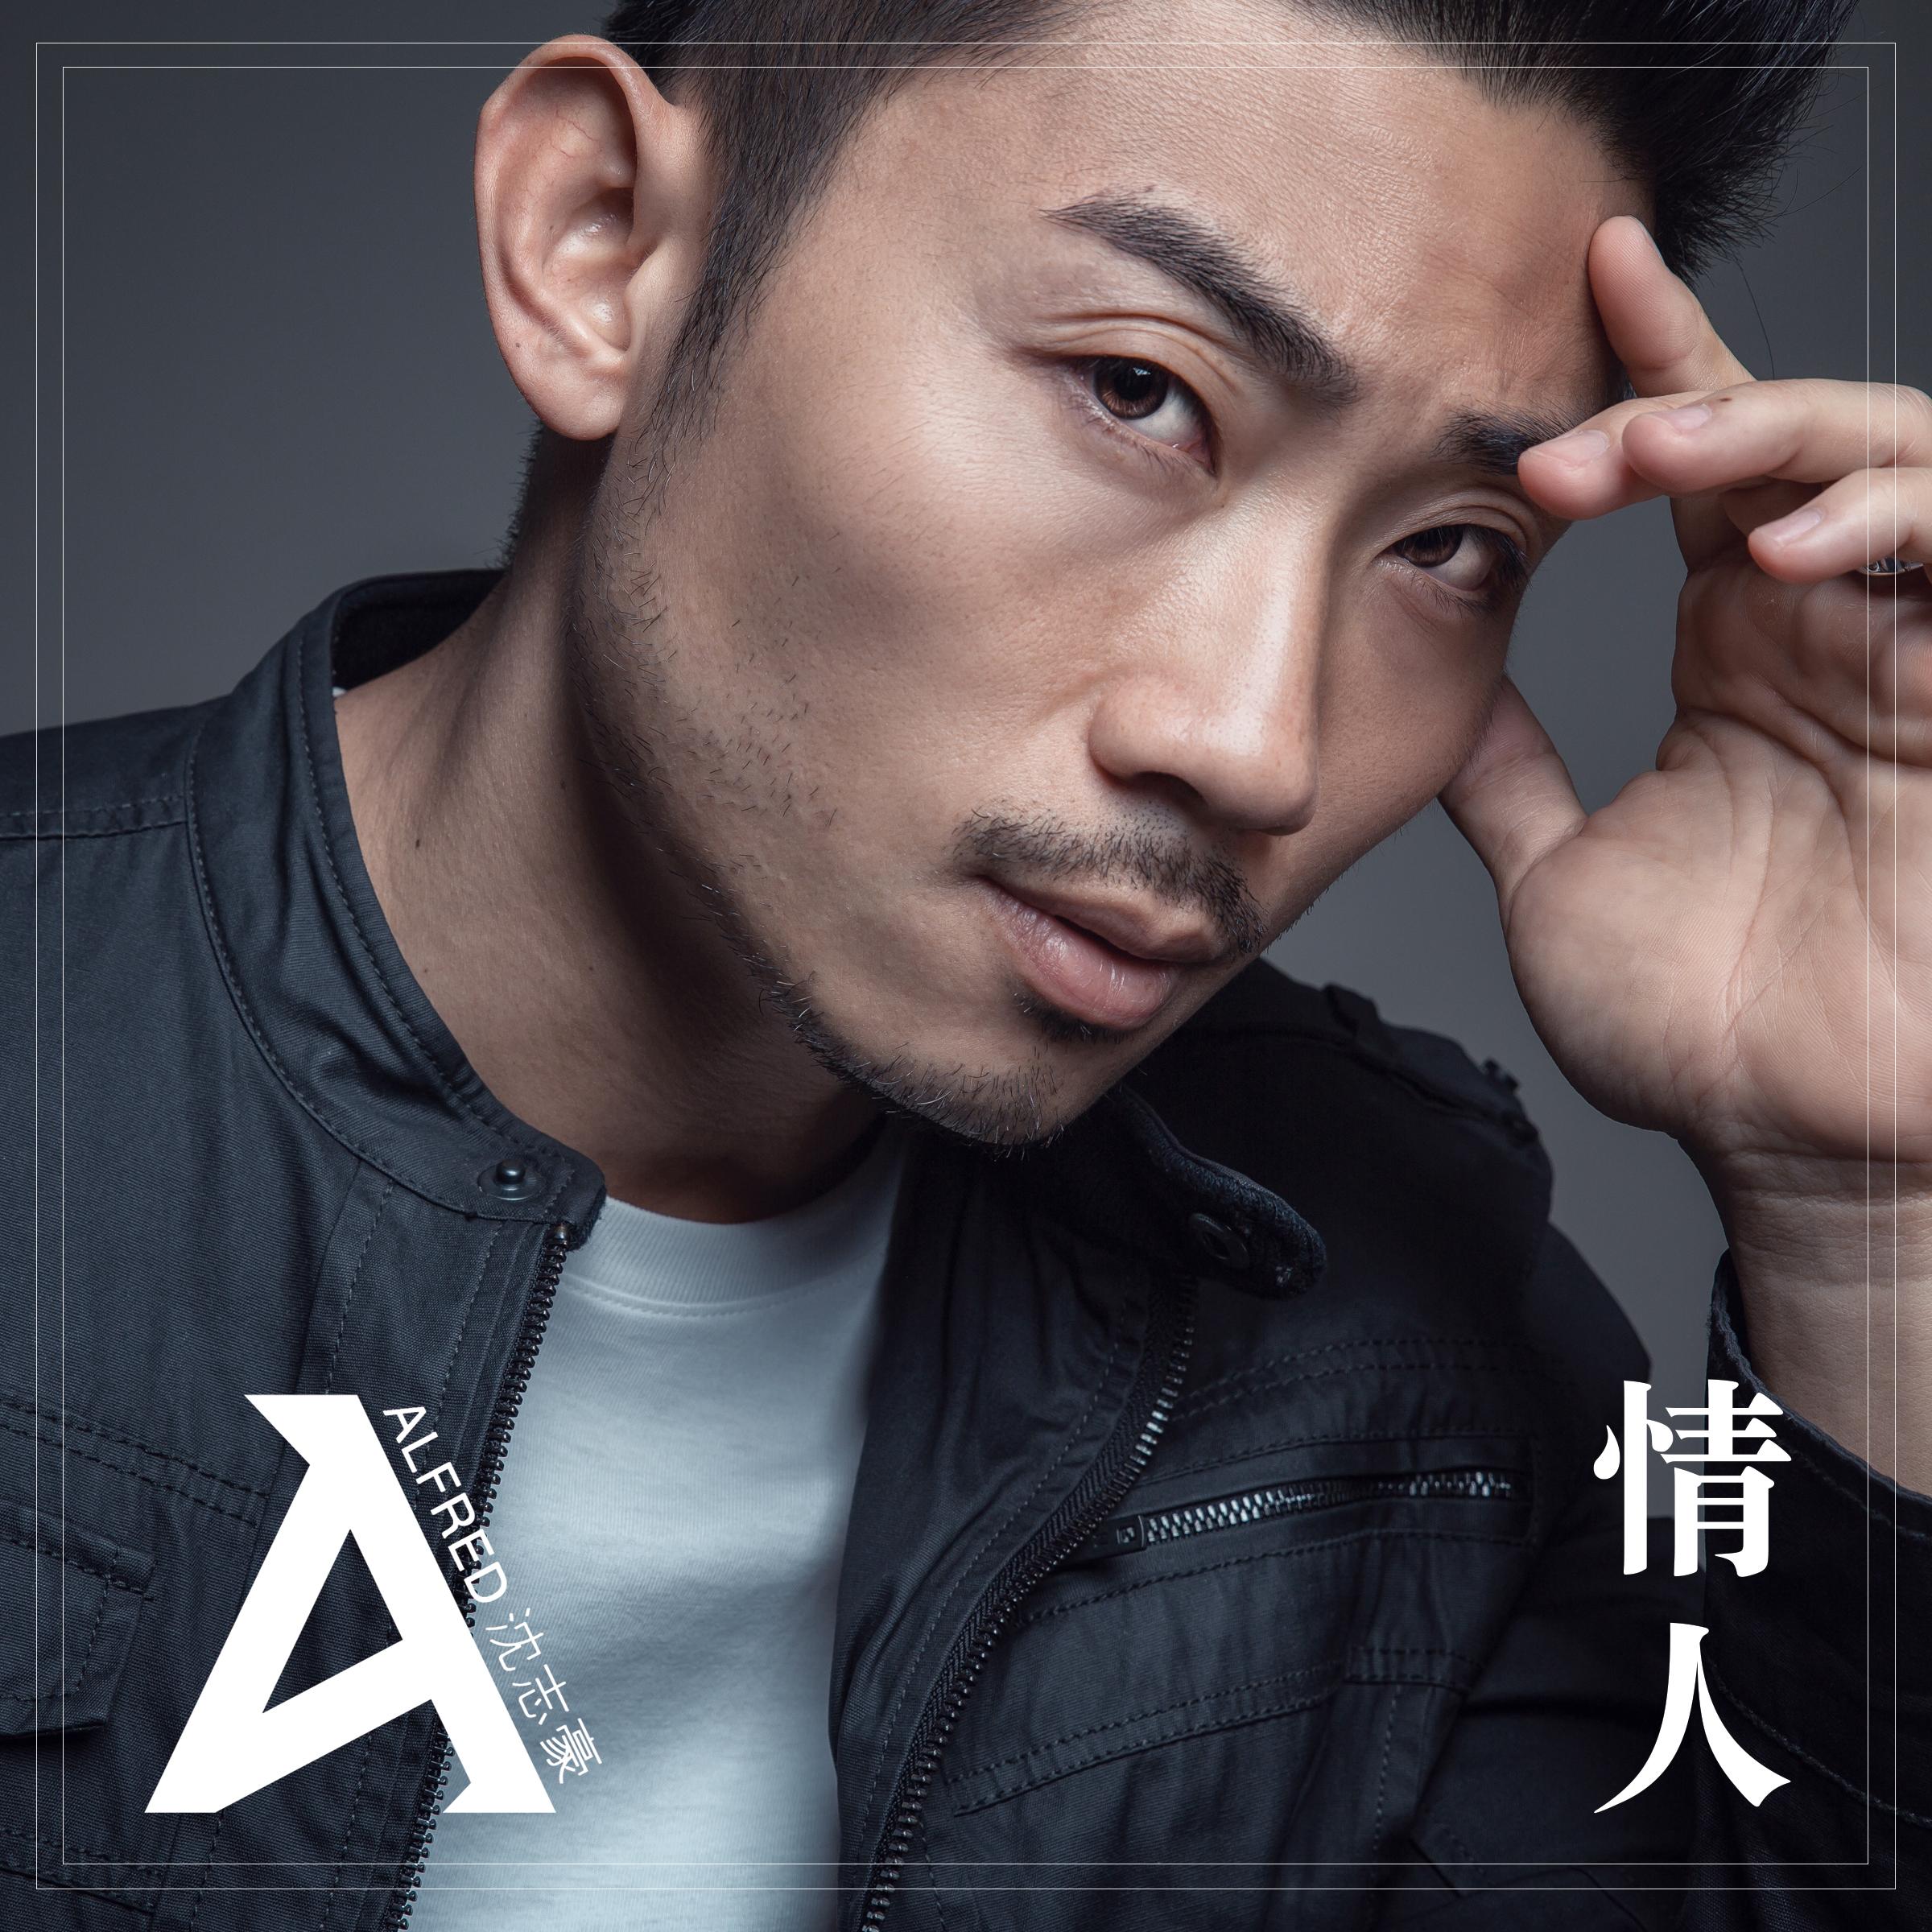 情人 Lover - Single (2015)